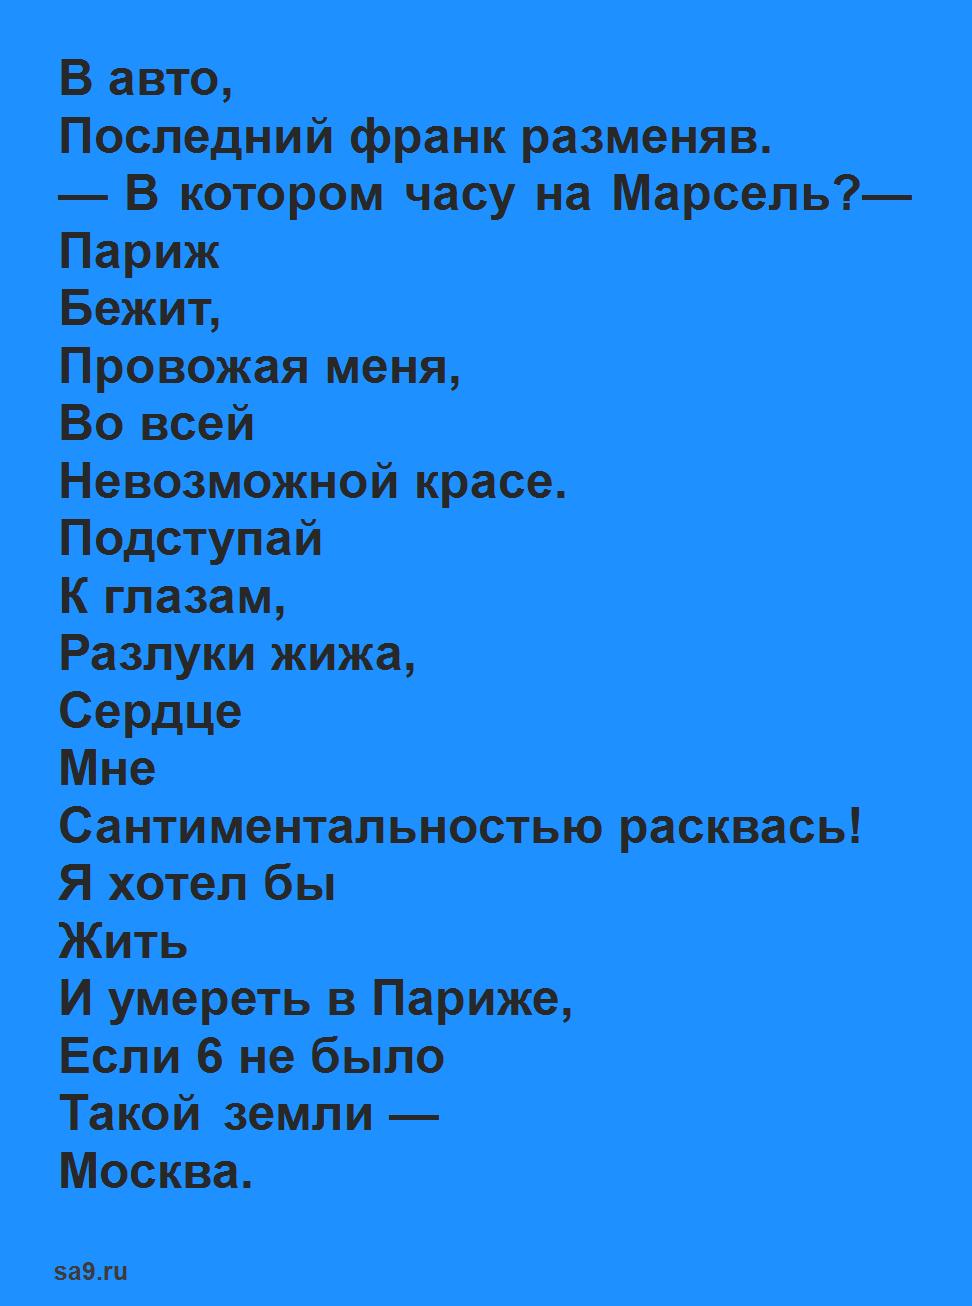 Читаем стихи Маяковского - Прощанье